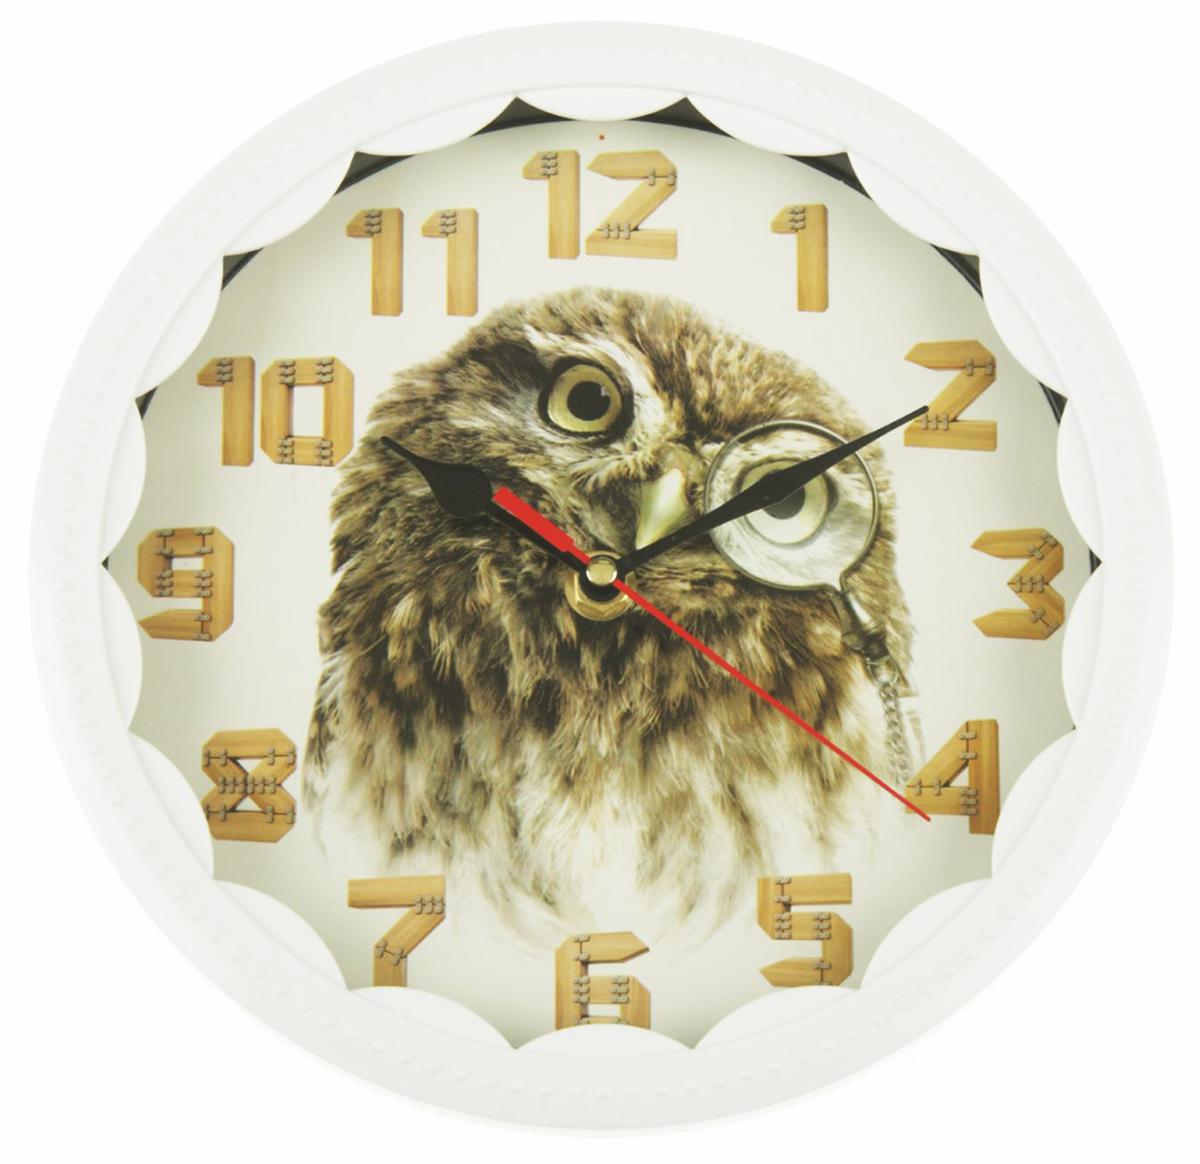 Часы настенные Сова с моноклем, 22 х 21,5 см хочу продать свою квартиру которая менее 3х лет и другую какие налоги надо заплатить